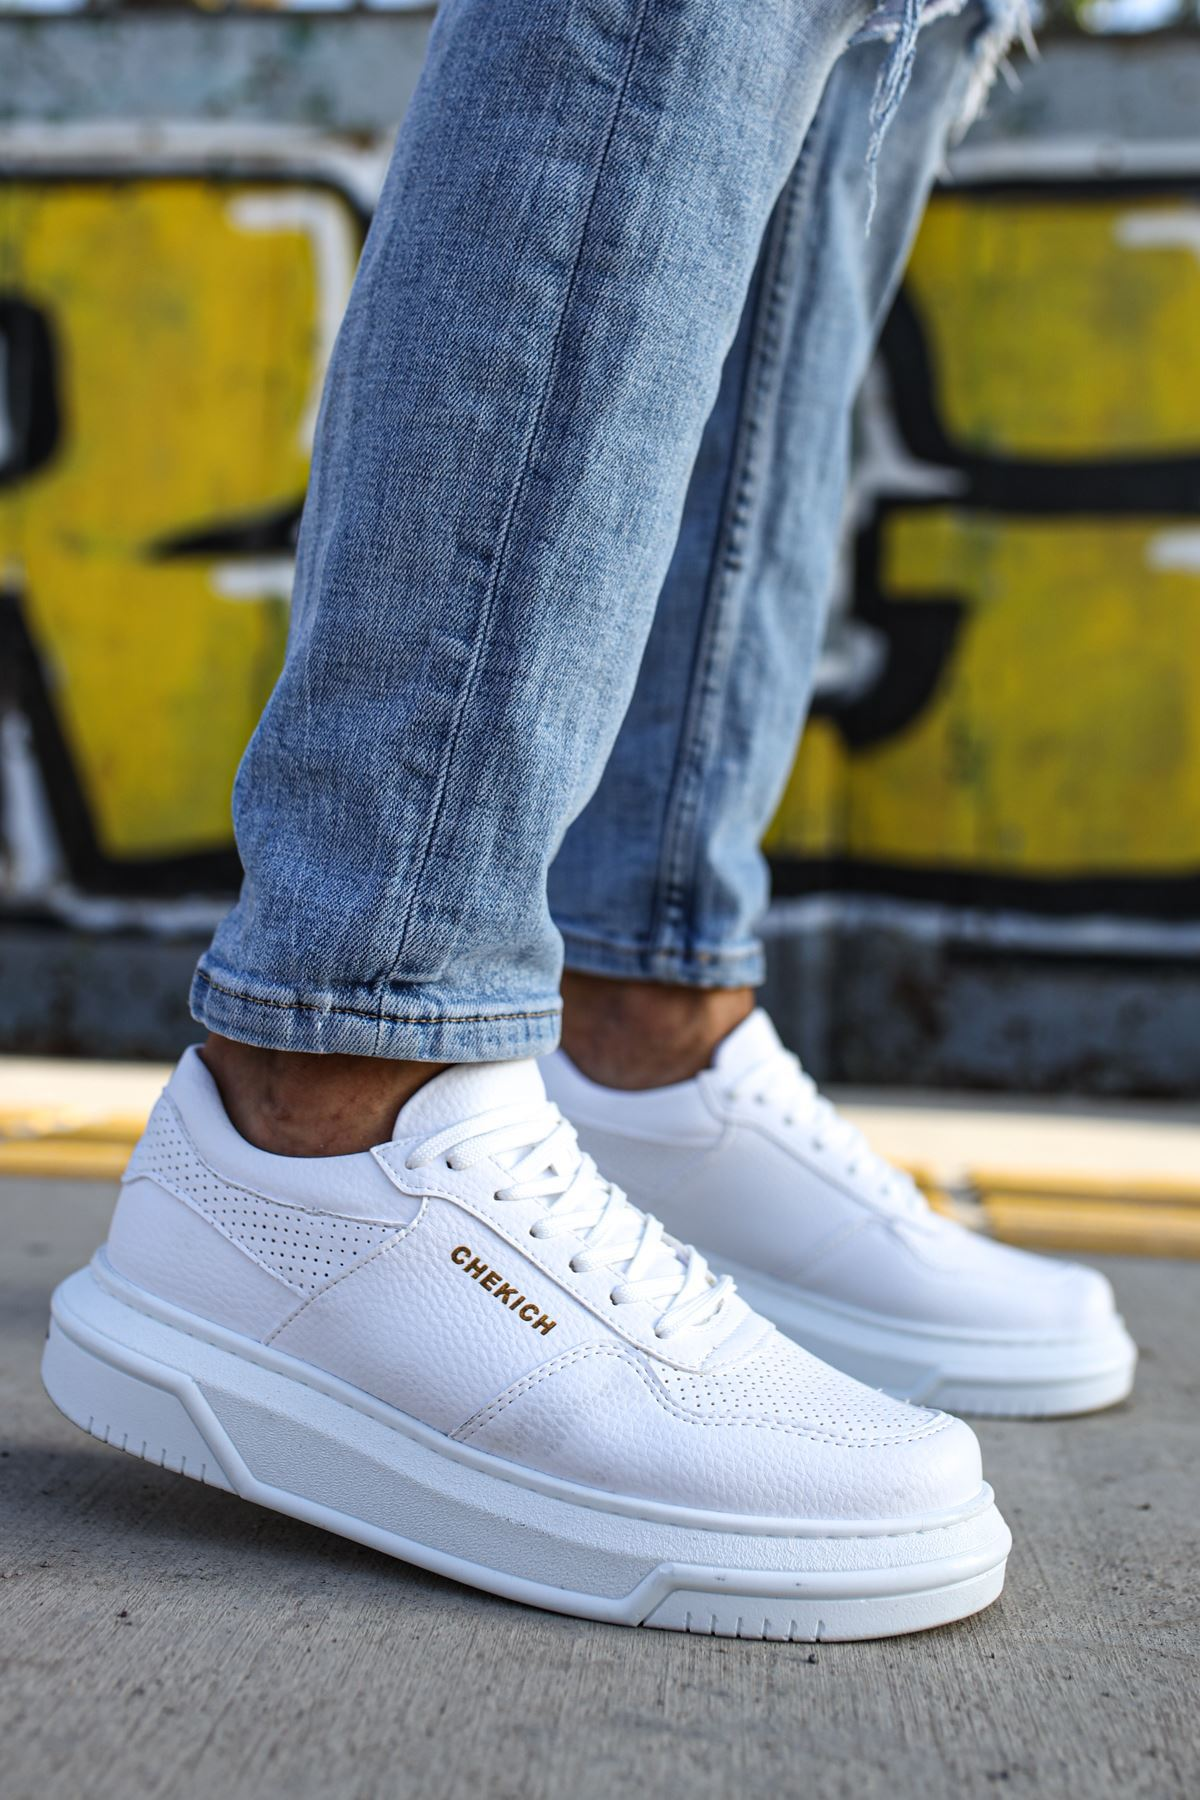 Chekich CH075 İpekyol Beyaz Taban Erkek Ayakkabı BEYAZ